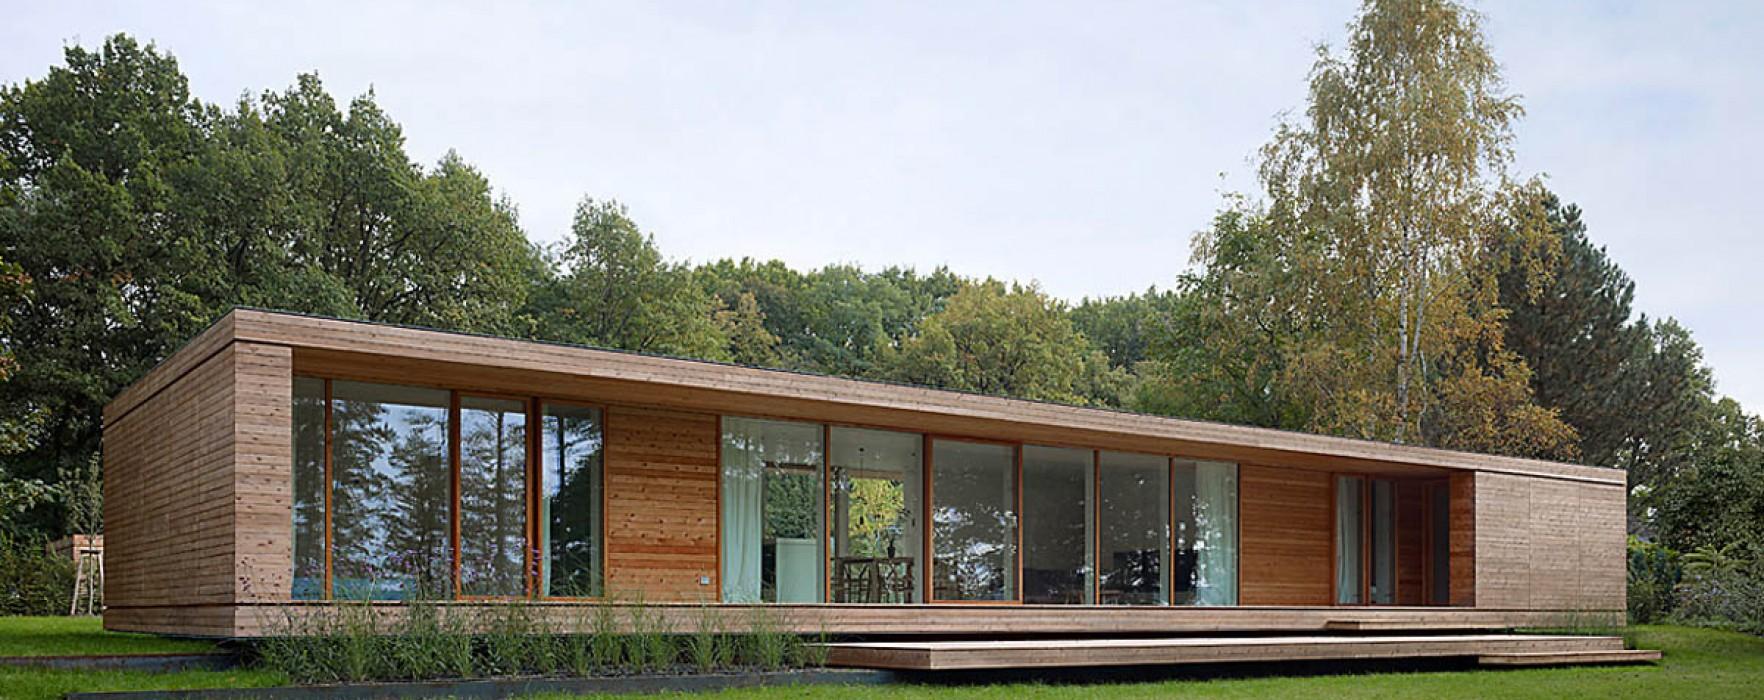 Dove ubicare il locale termico nelle case in legno for Case moderne interni legno